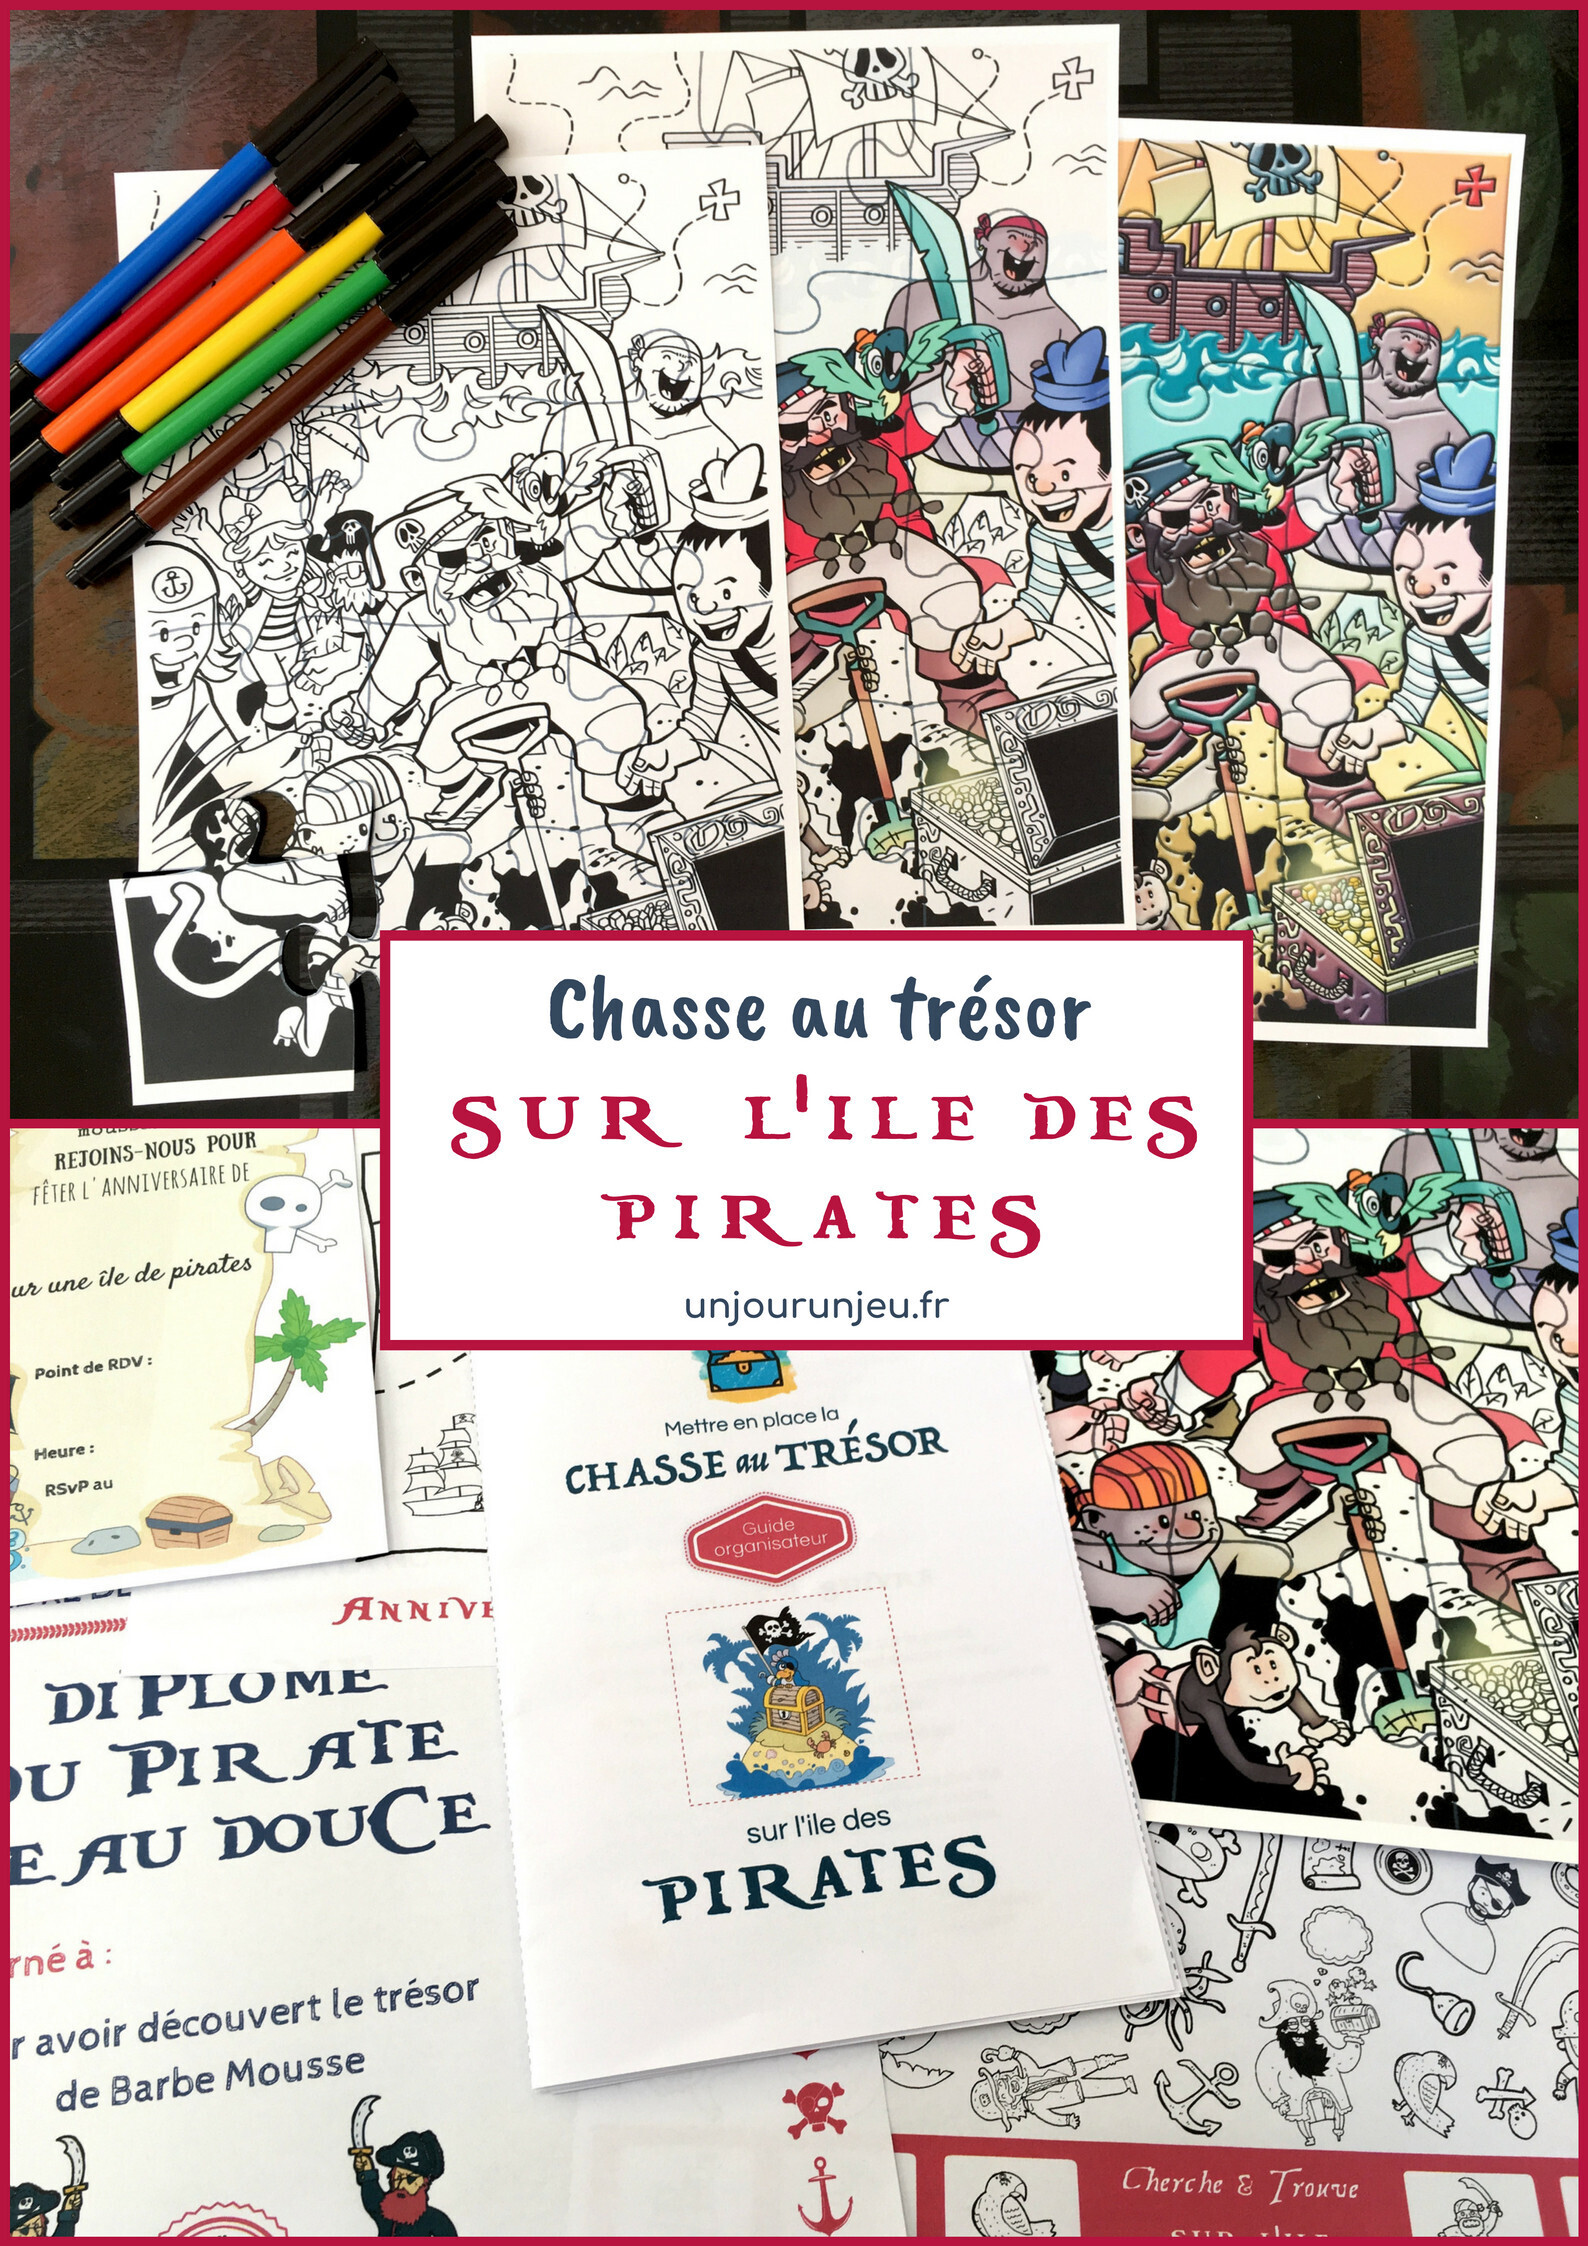 chasse au trésor gratuite pirate